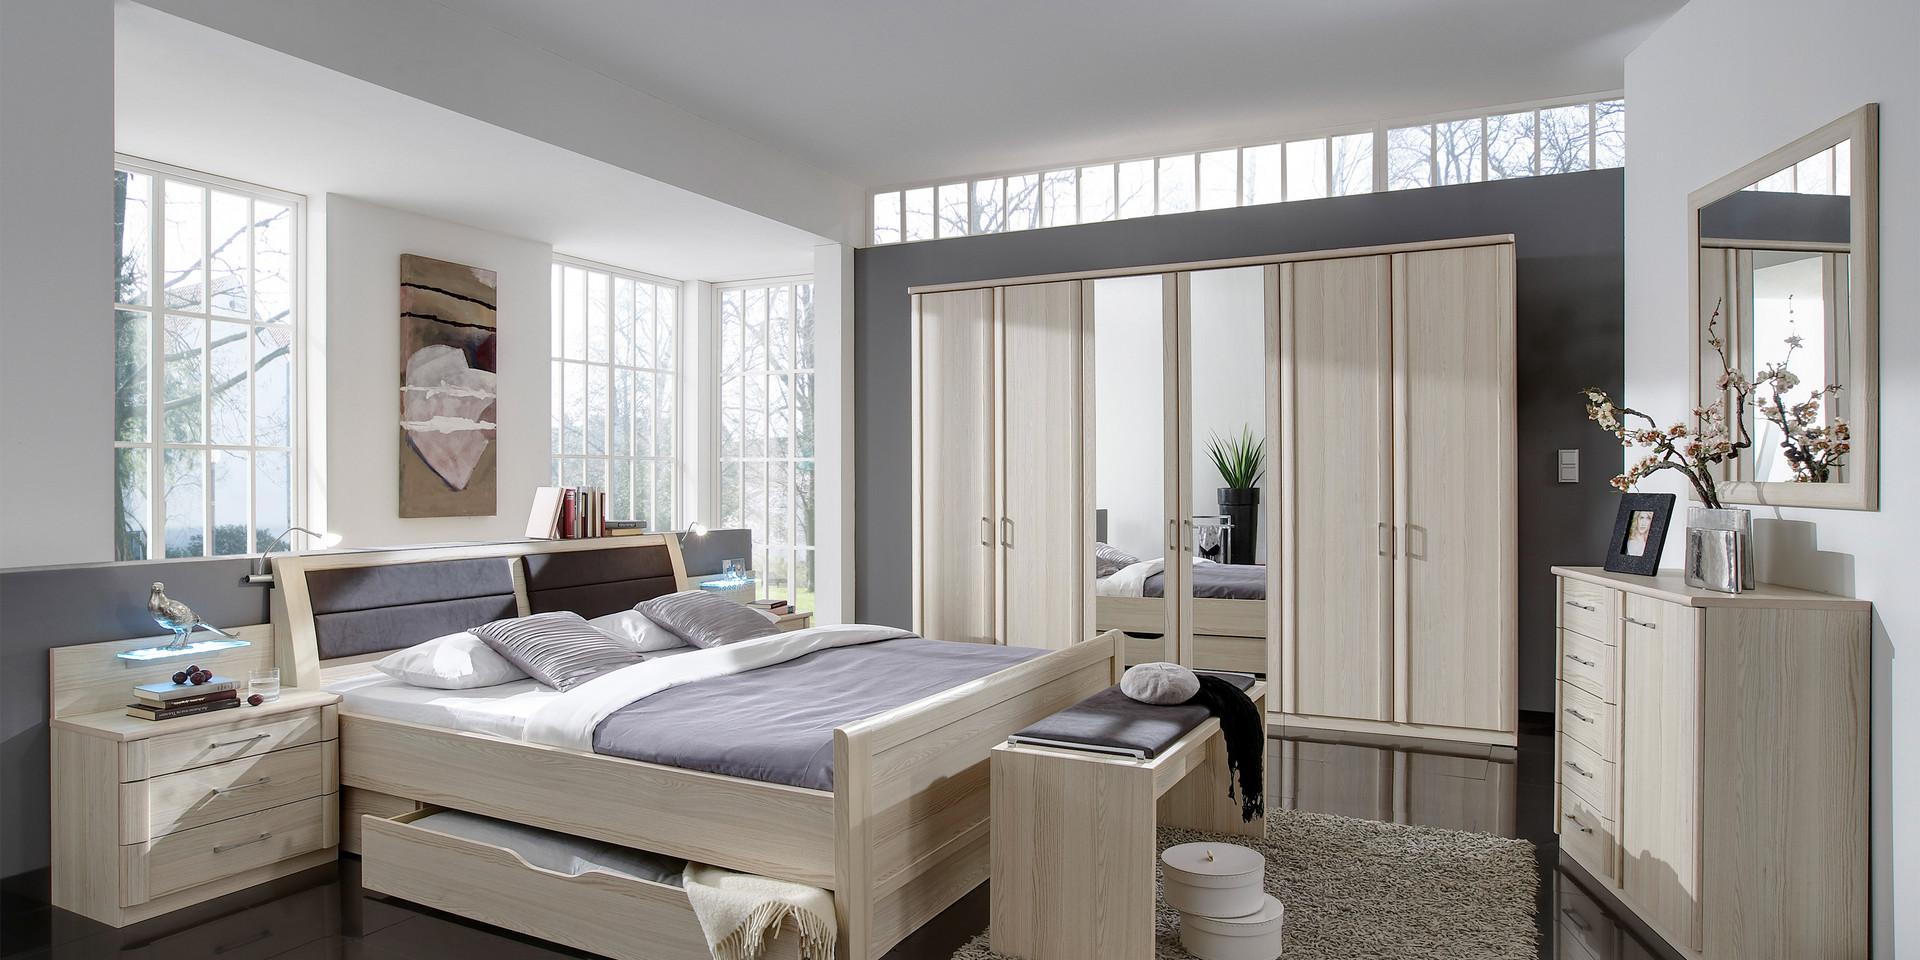 Gut bekannt Erleben Sie das Schlafzimmer Luxor 3+4 | Möbelhersteller Wiemann MU98